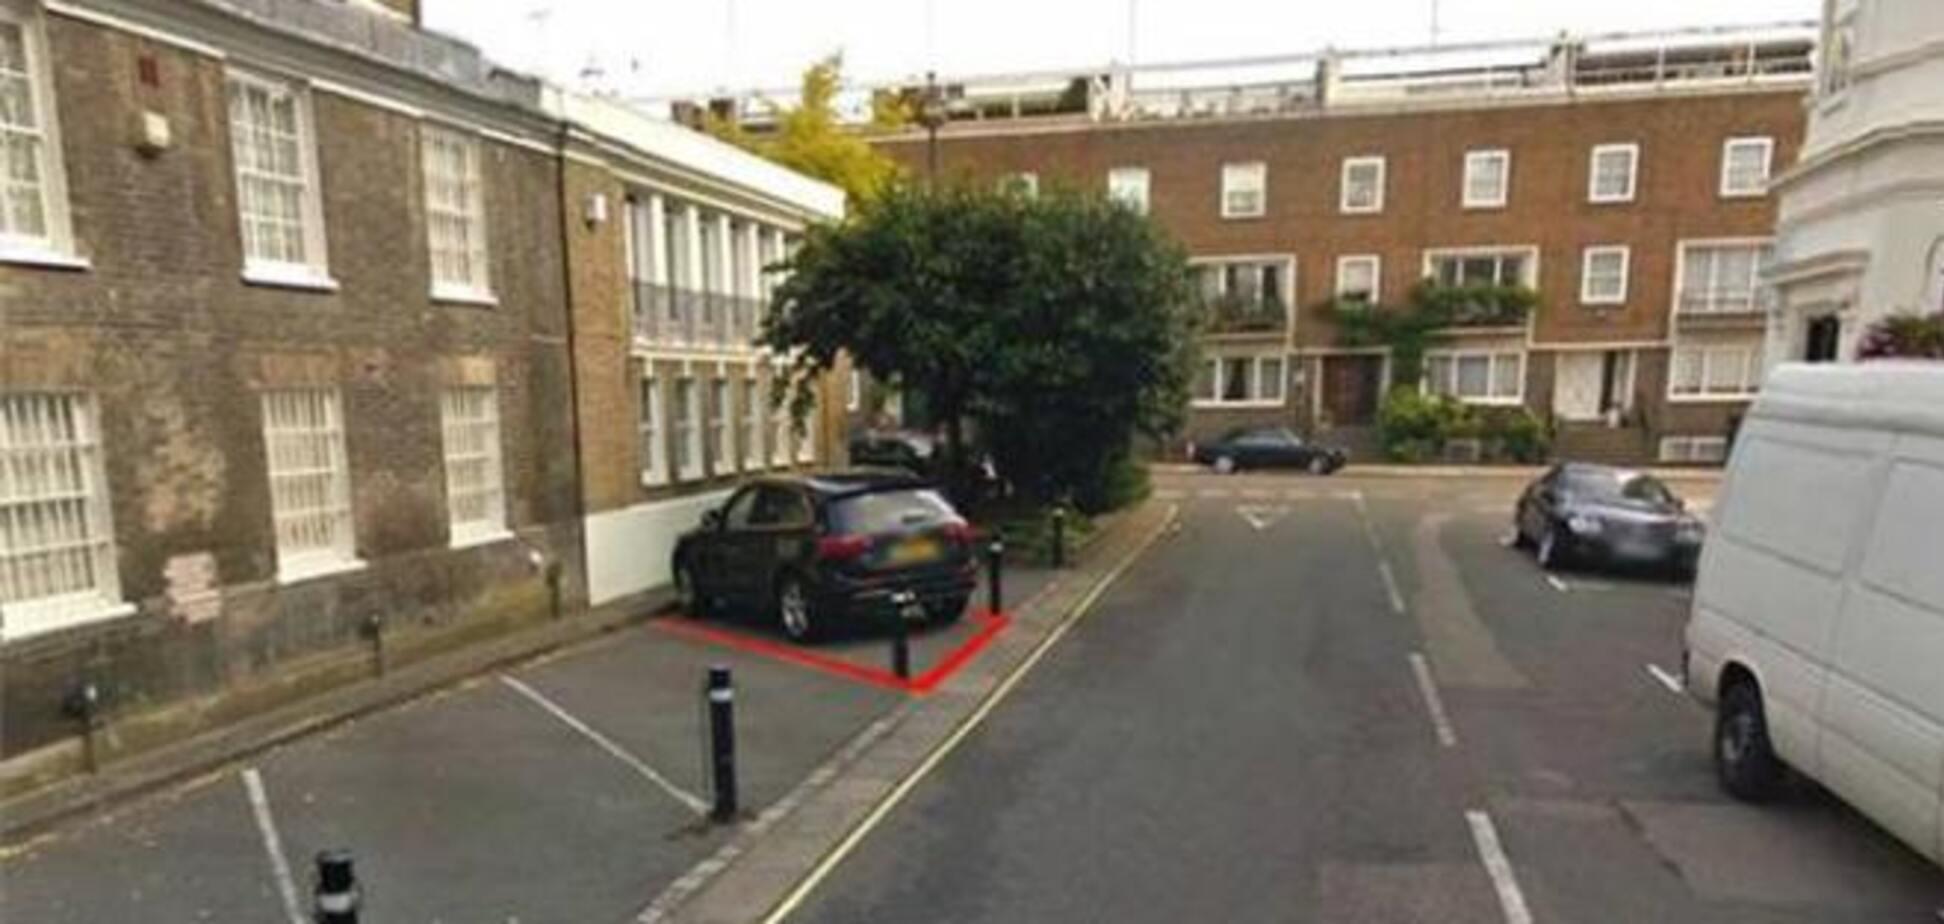 Уличные парковки в Лондоне продаются по ценам квартир